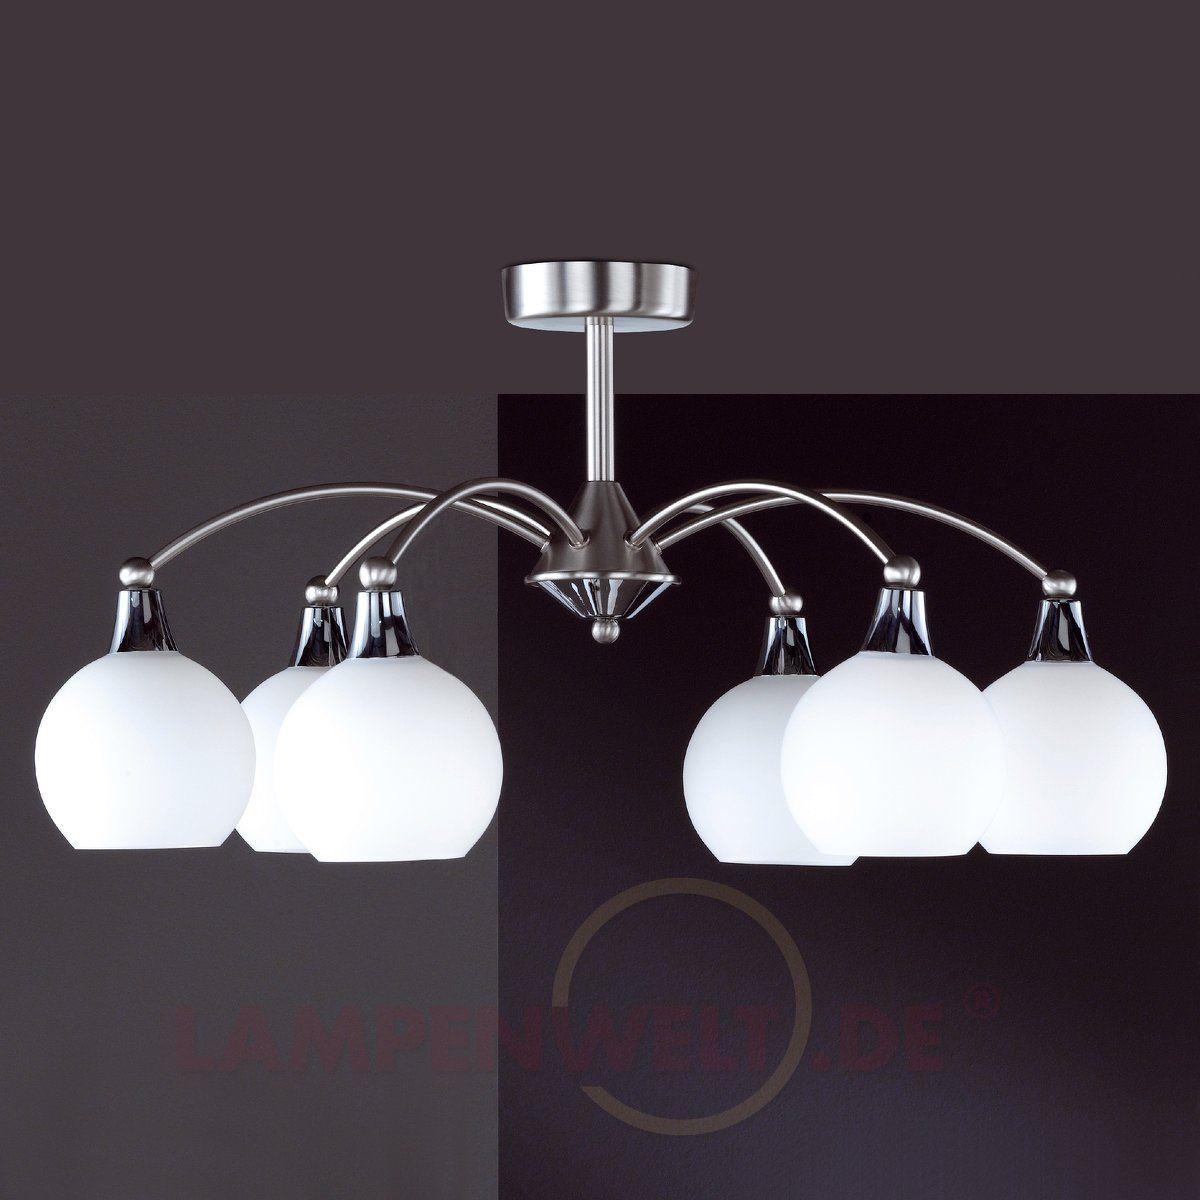 Stilvolle Deckenleuchte WEIMAR, nickel 4509635 | Lampen | Pinterest